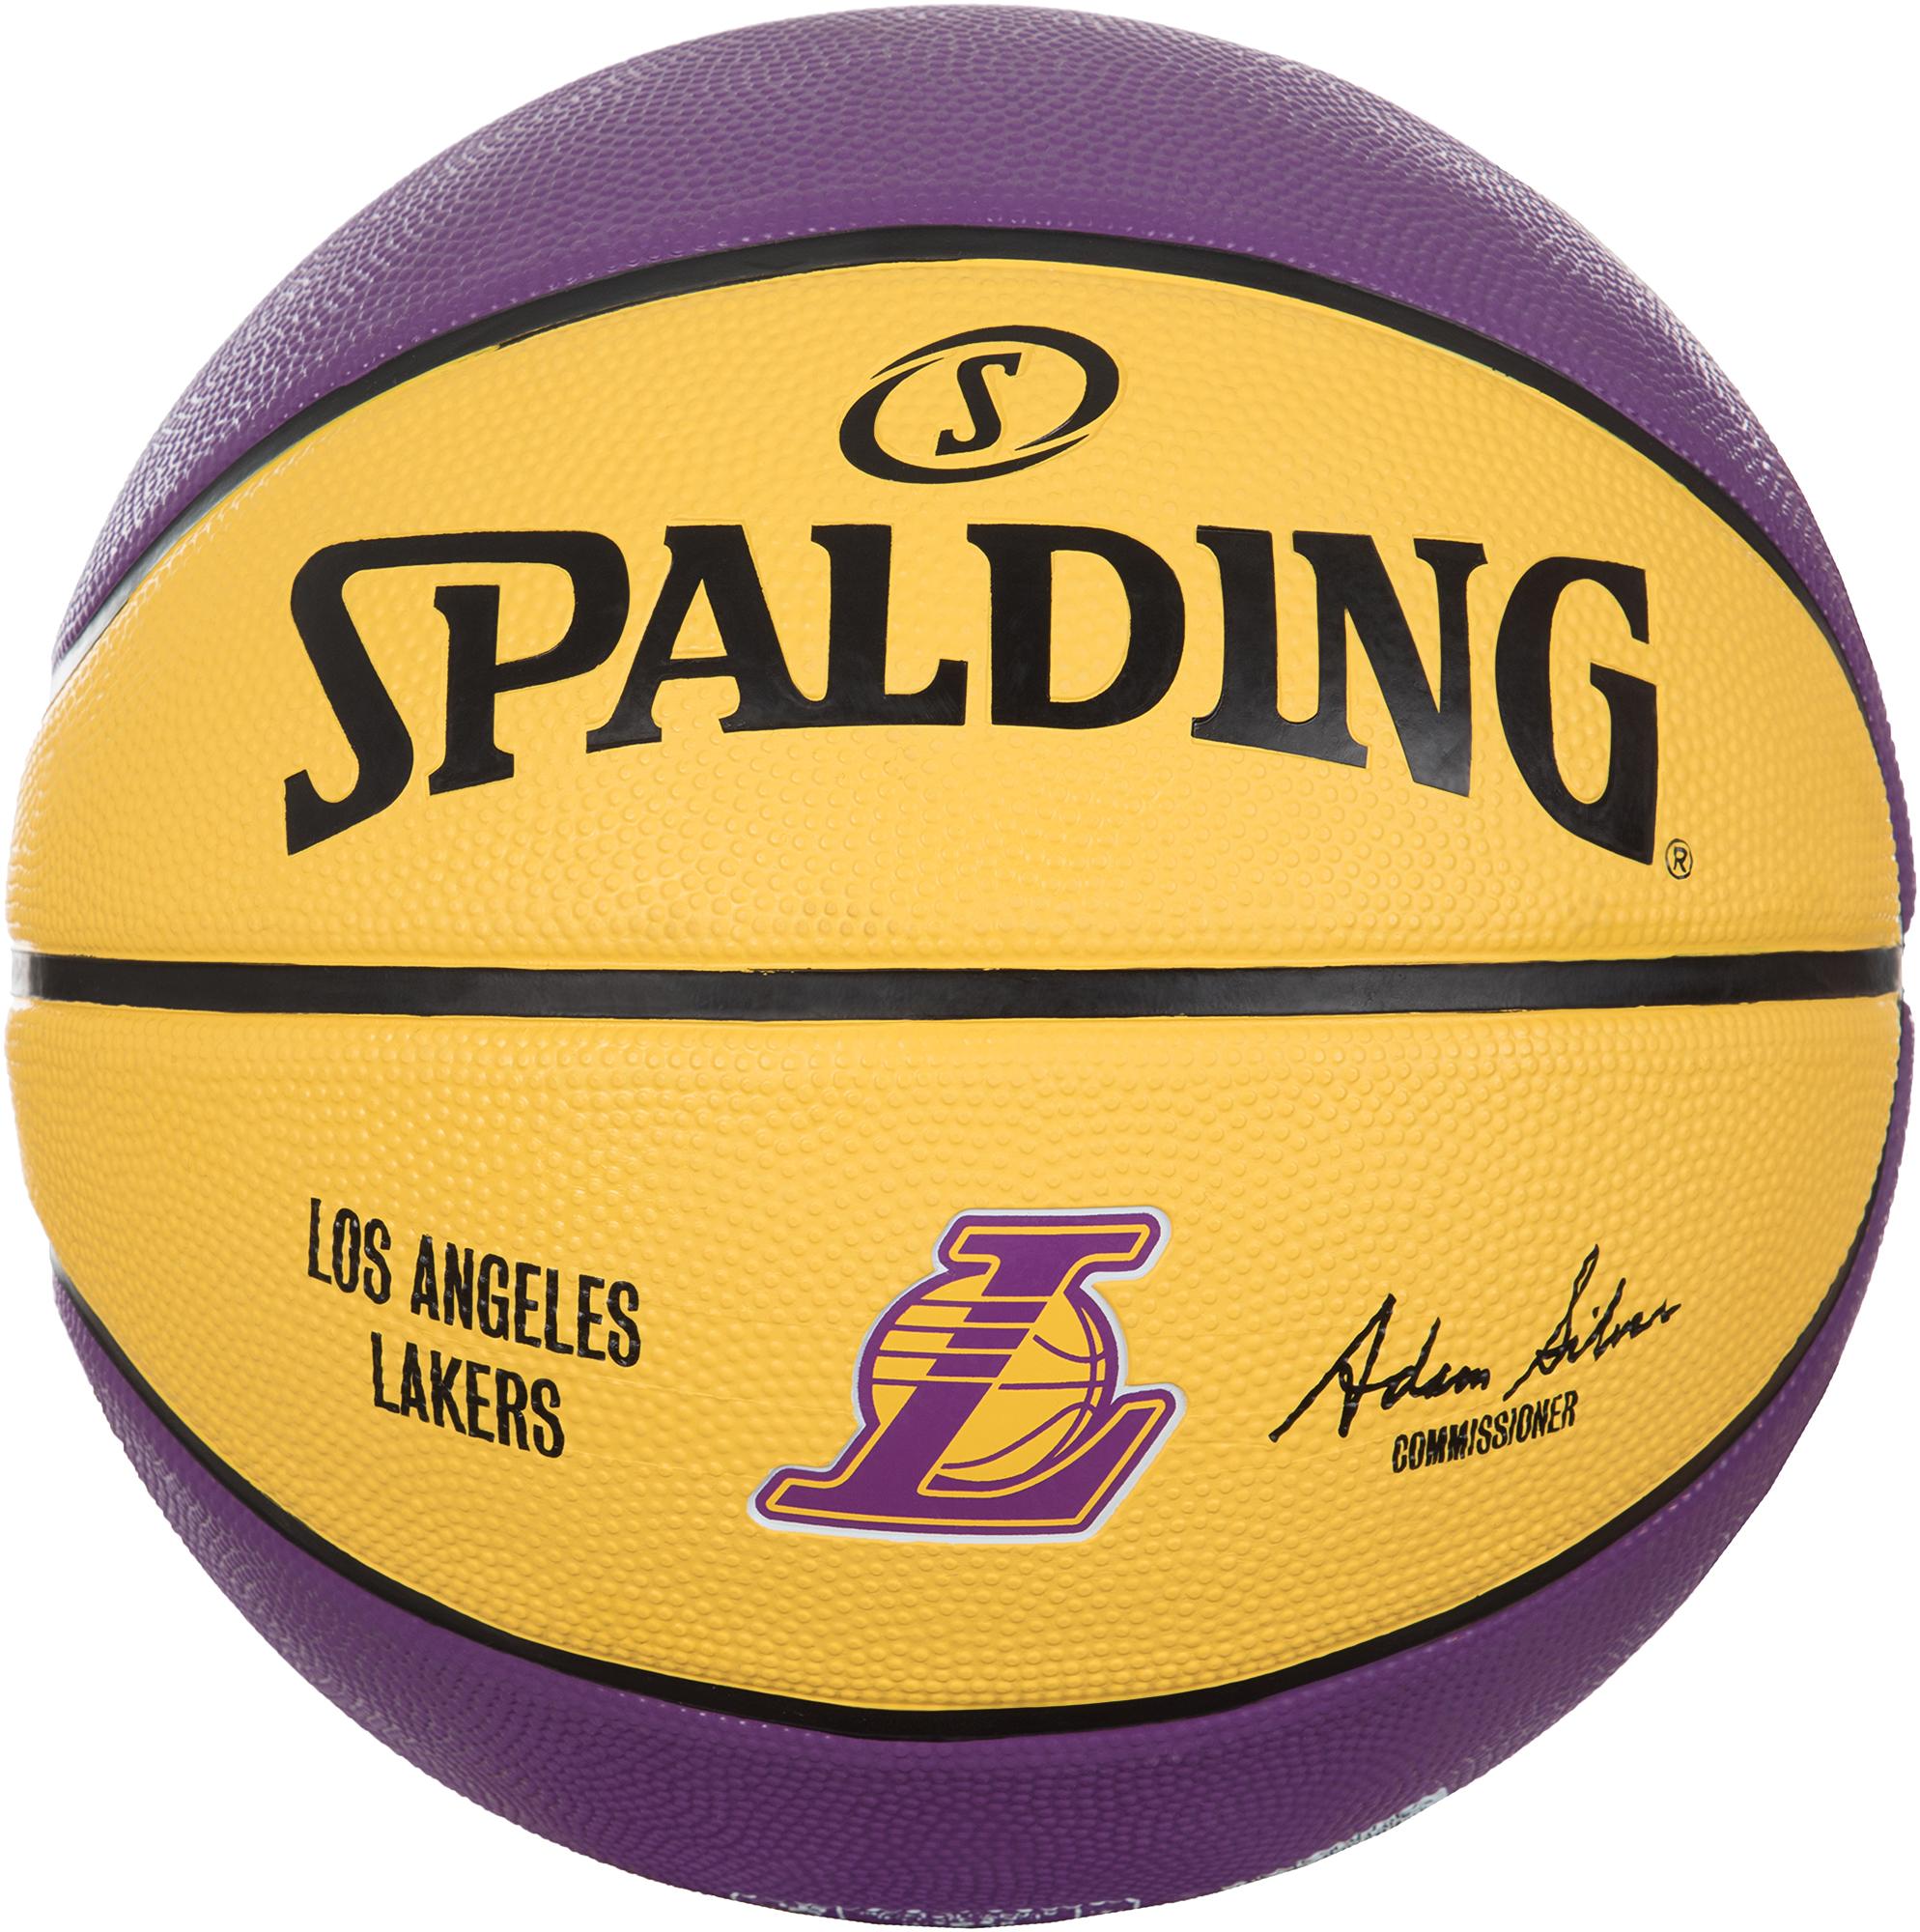 Spalding Мяч баскетбольный Spalding Los Angeles Lakers, размер 7 стоимость